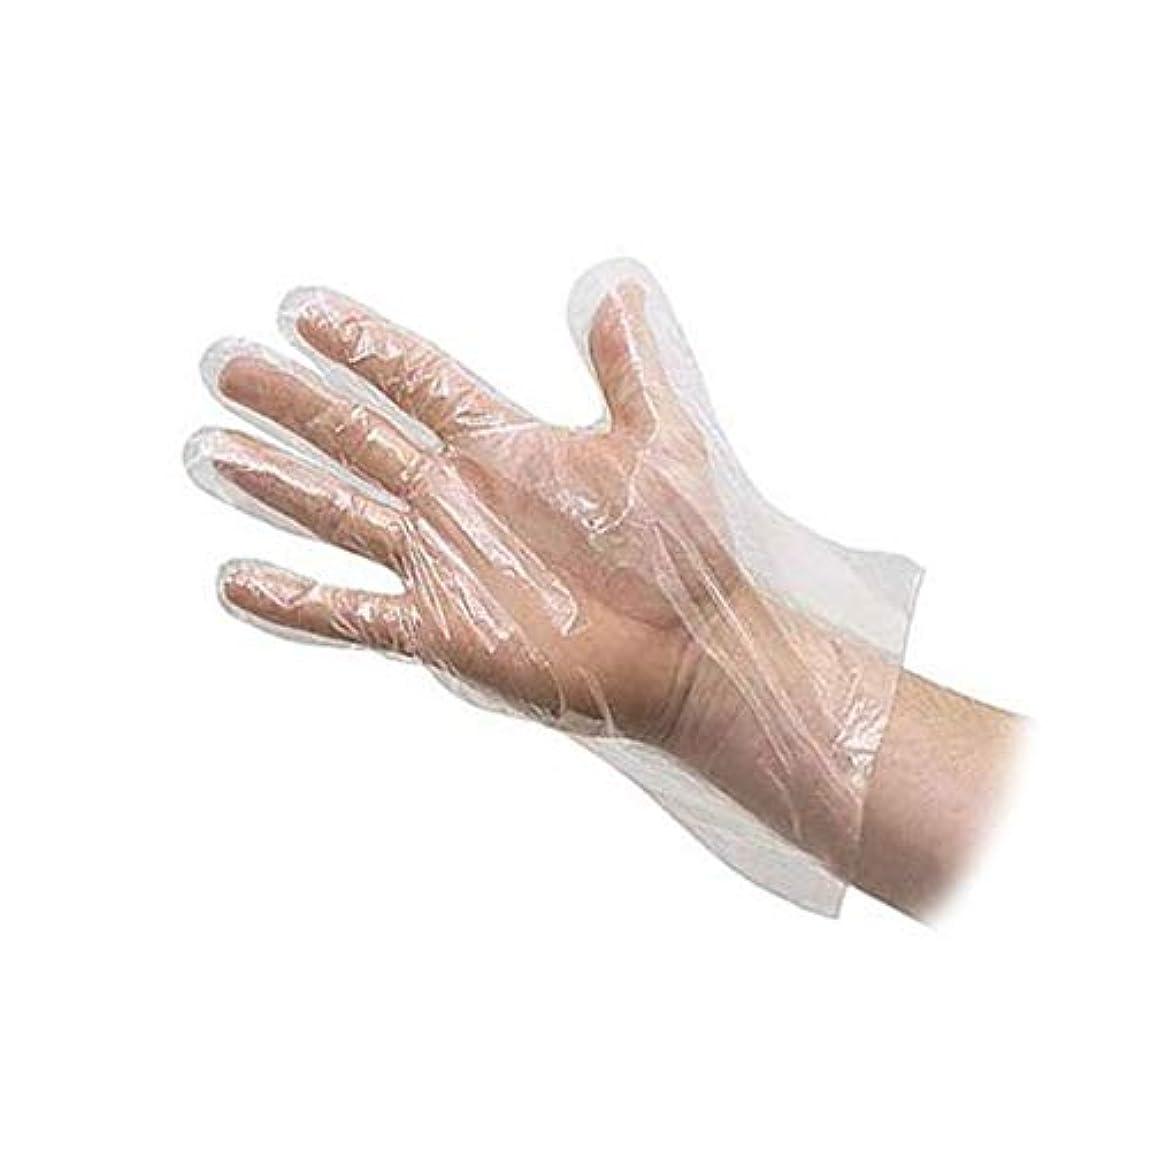 公使館潜むリーチ(デマ―クト)De?markt ポリエチレン 手袋 使い捨て手袋 カタエンボス 調理用 食品 プラスチック ホワイト 粉なし 食品衛生 透明 左右兼用 薄型 ビニール極薄手袋 100枚入